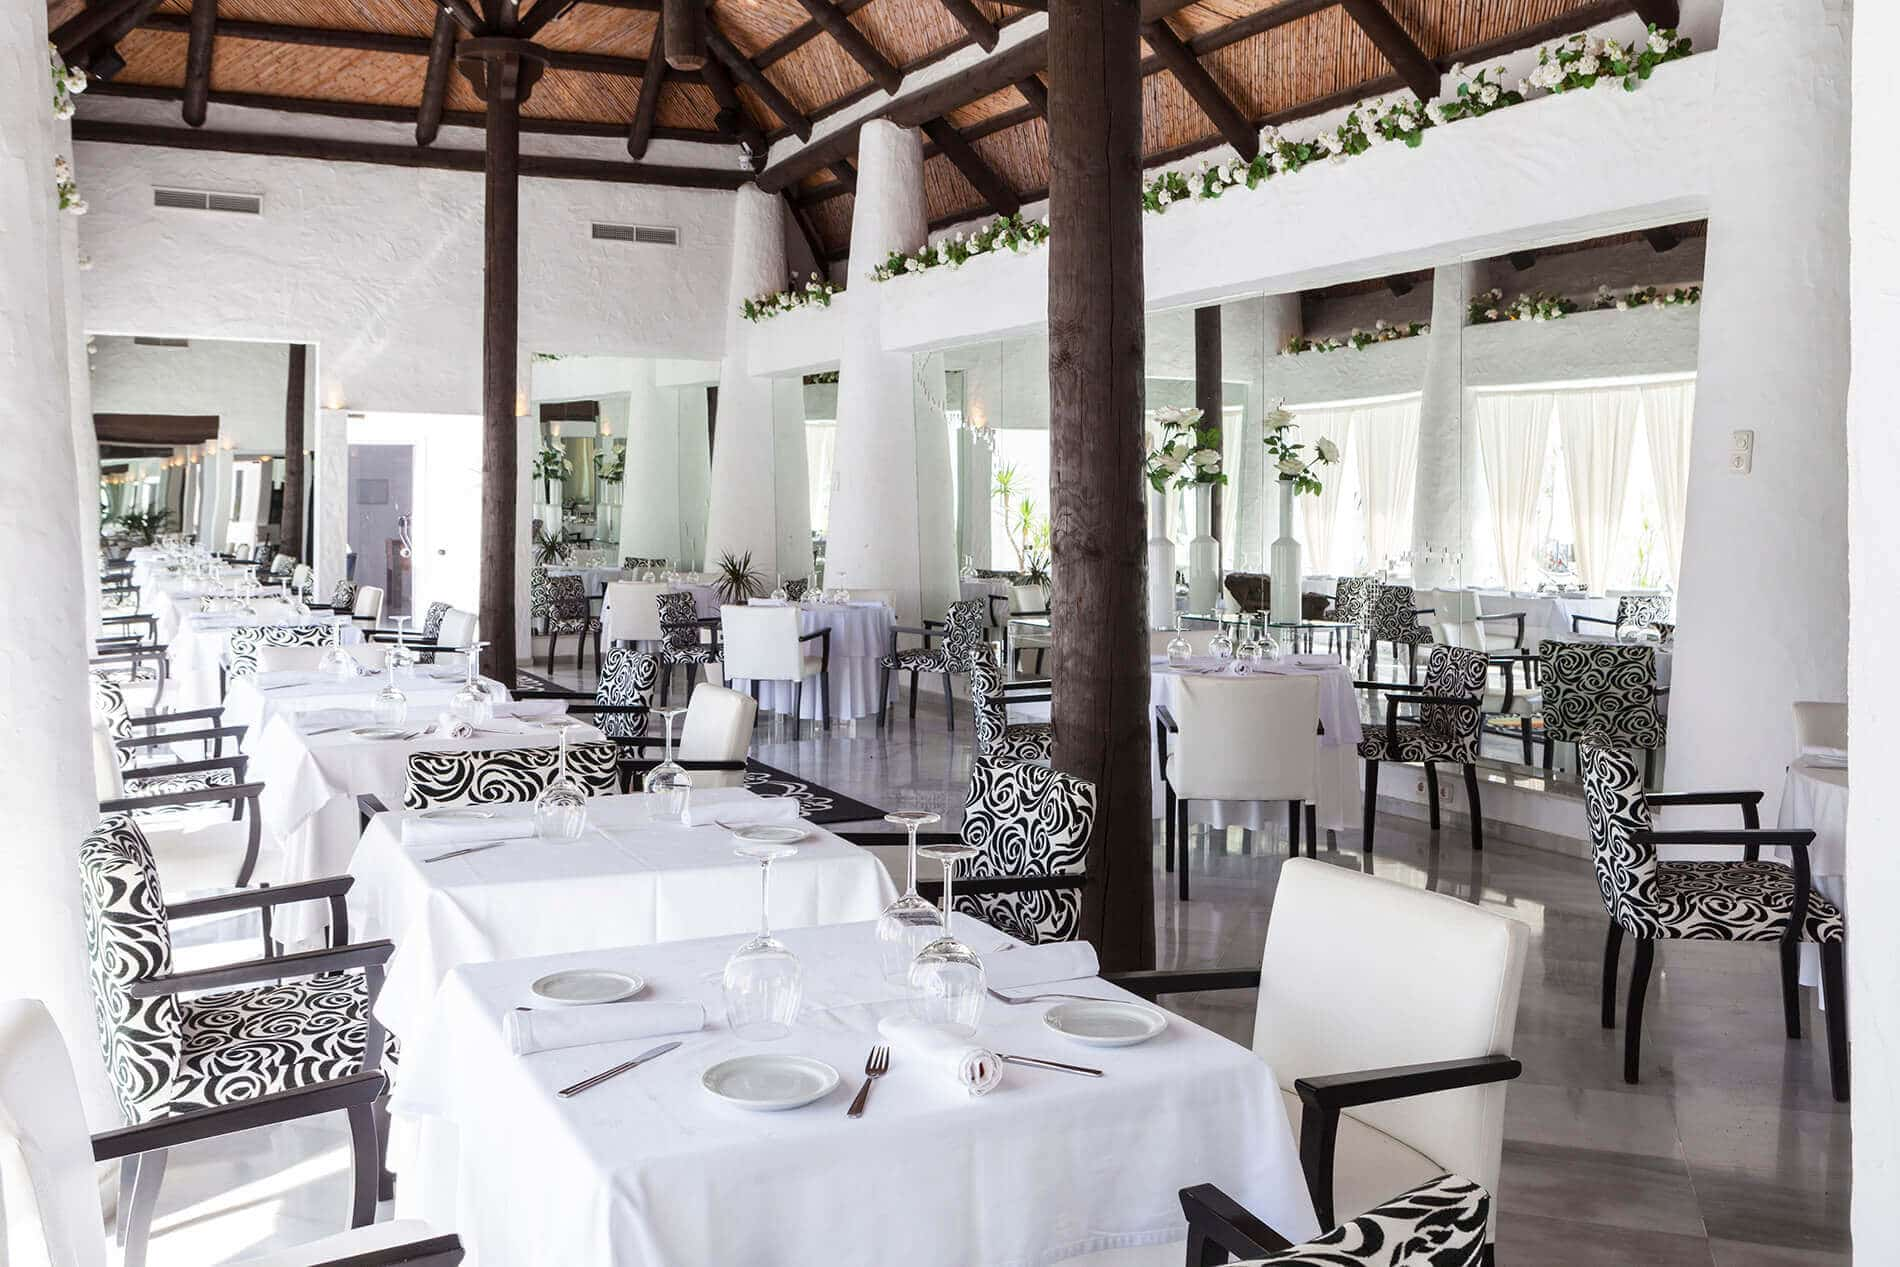 Espanja-Almuneckar-Hotel Suite Albayzin del Mar ravintola